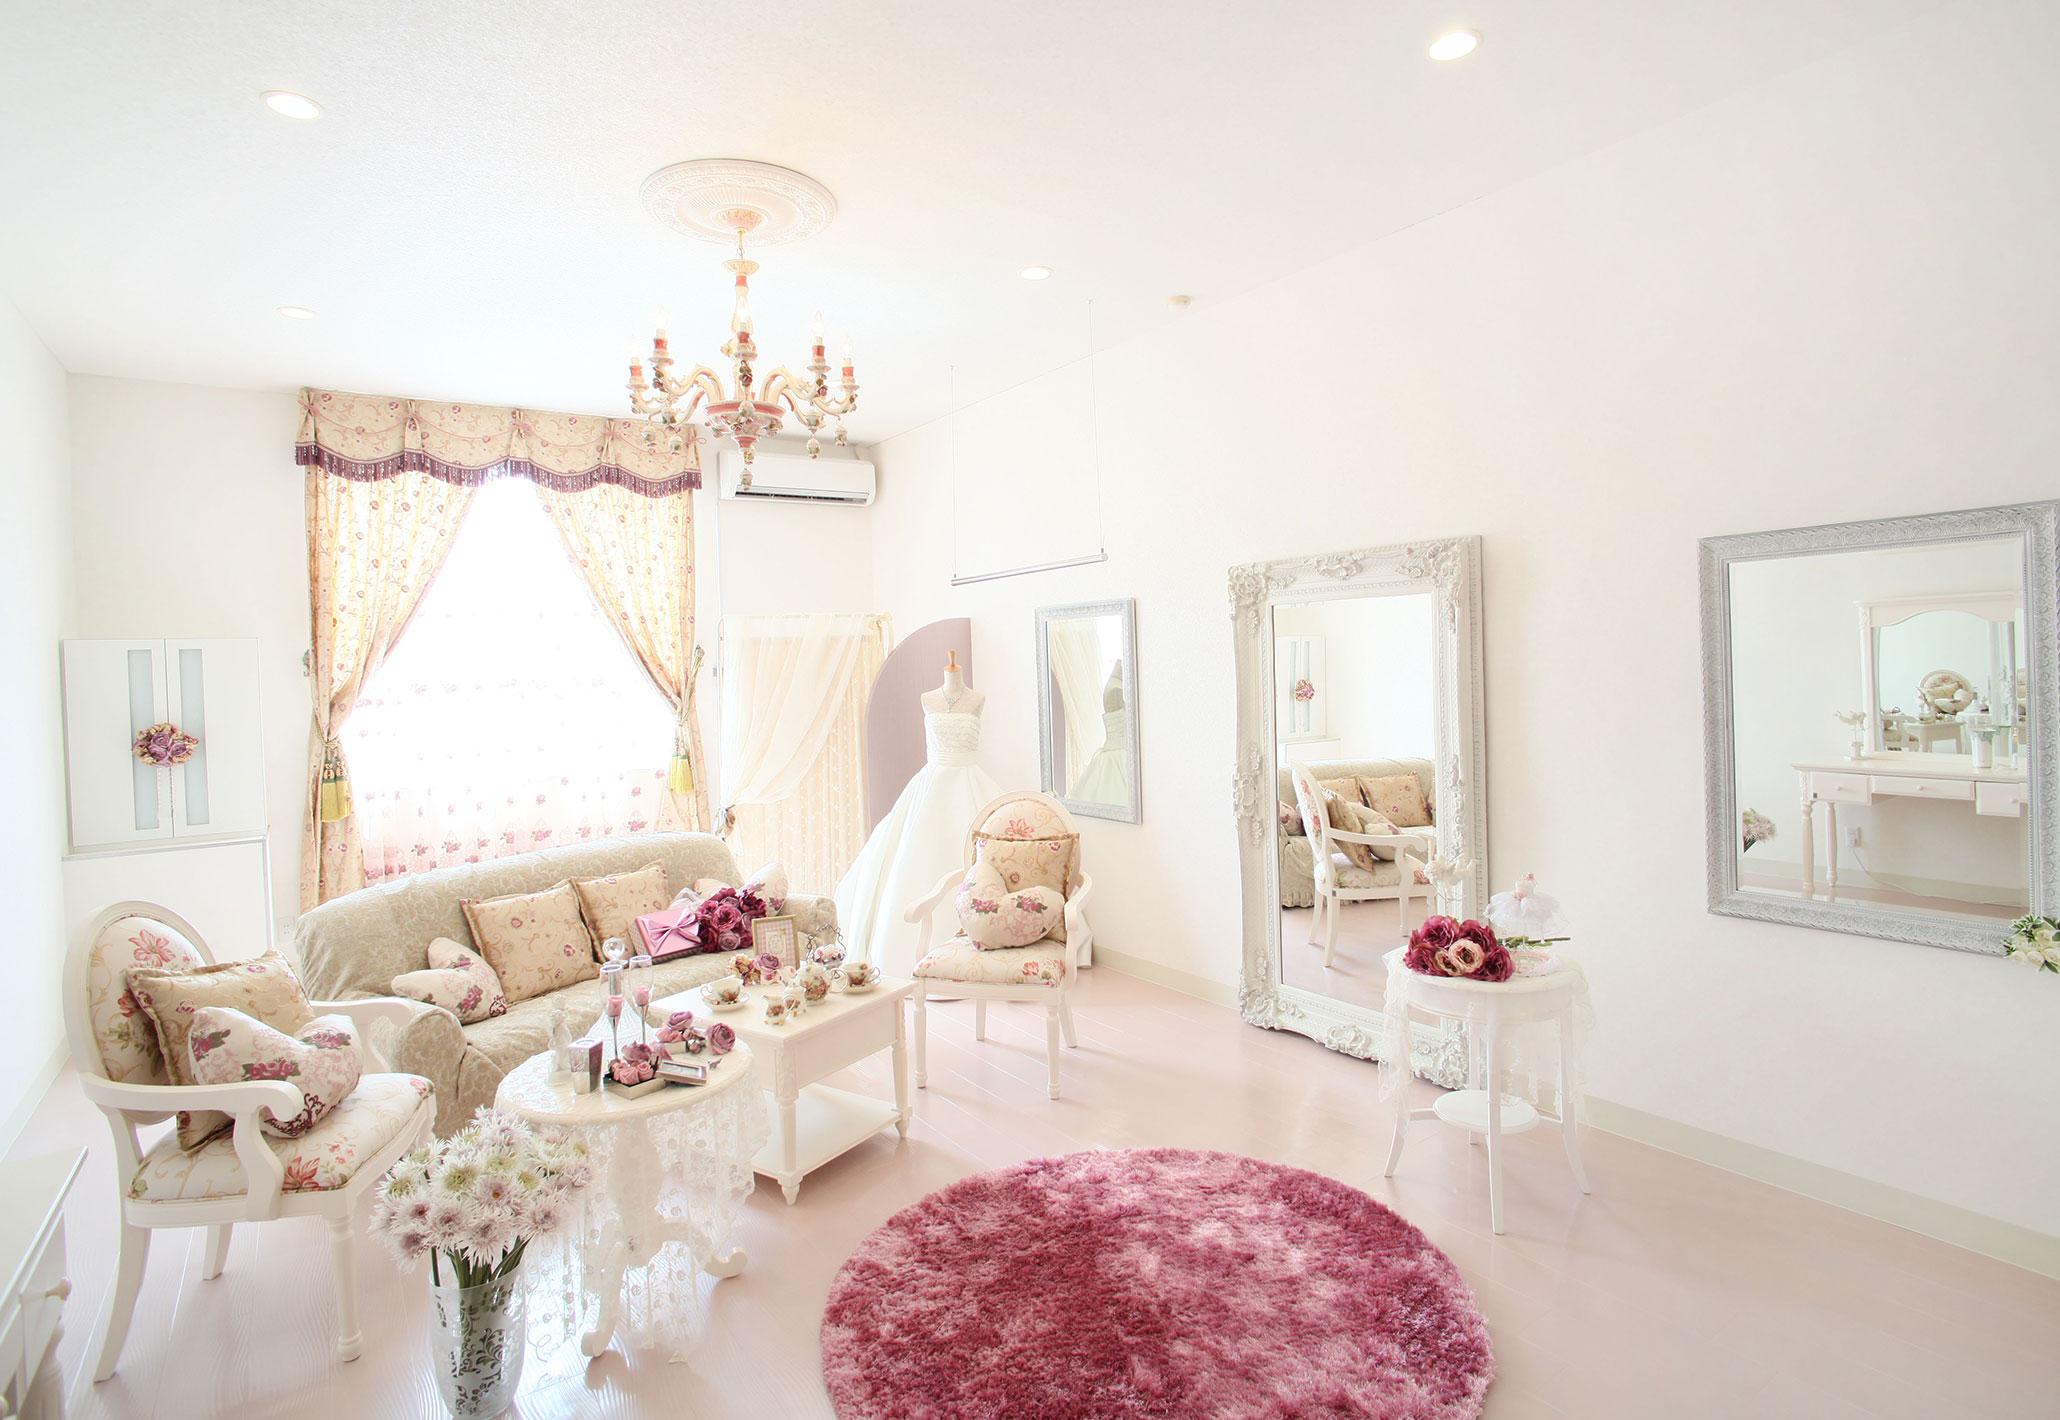 プリンセス気分を味わえるピンクのブライズルーム | 高知県高知市の結婚式場ドリーマーベイシャトー